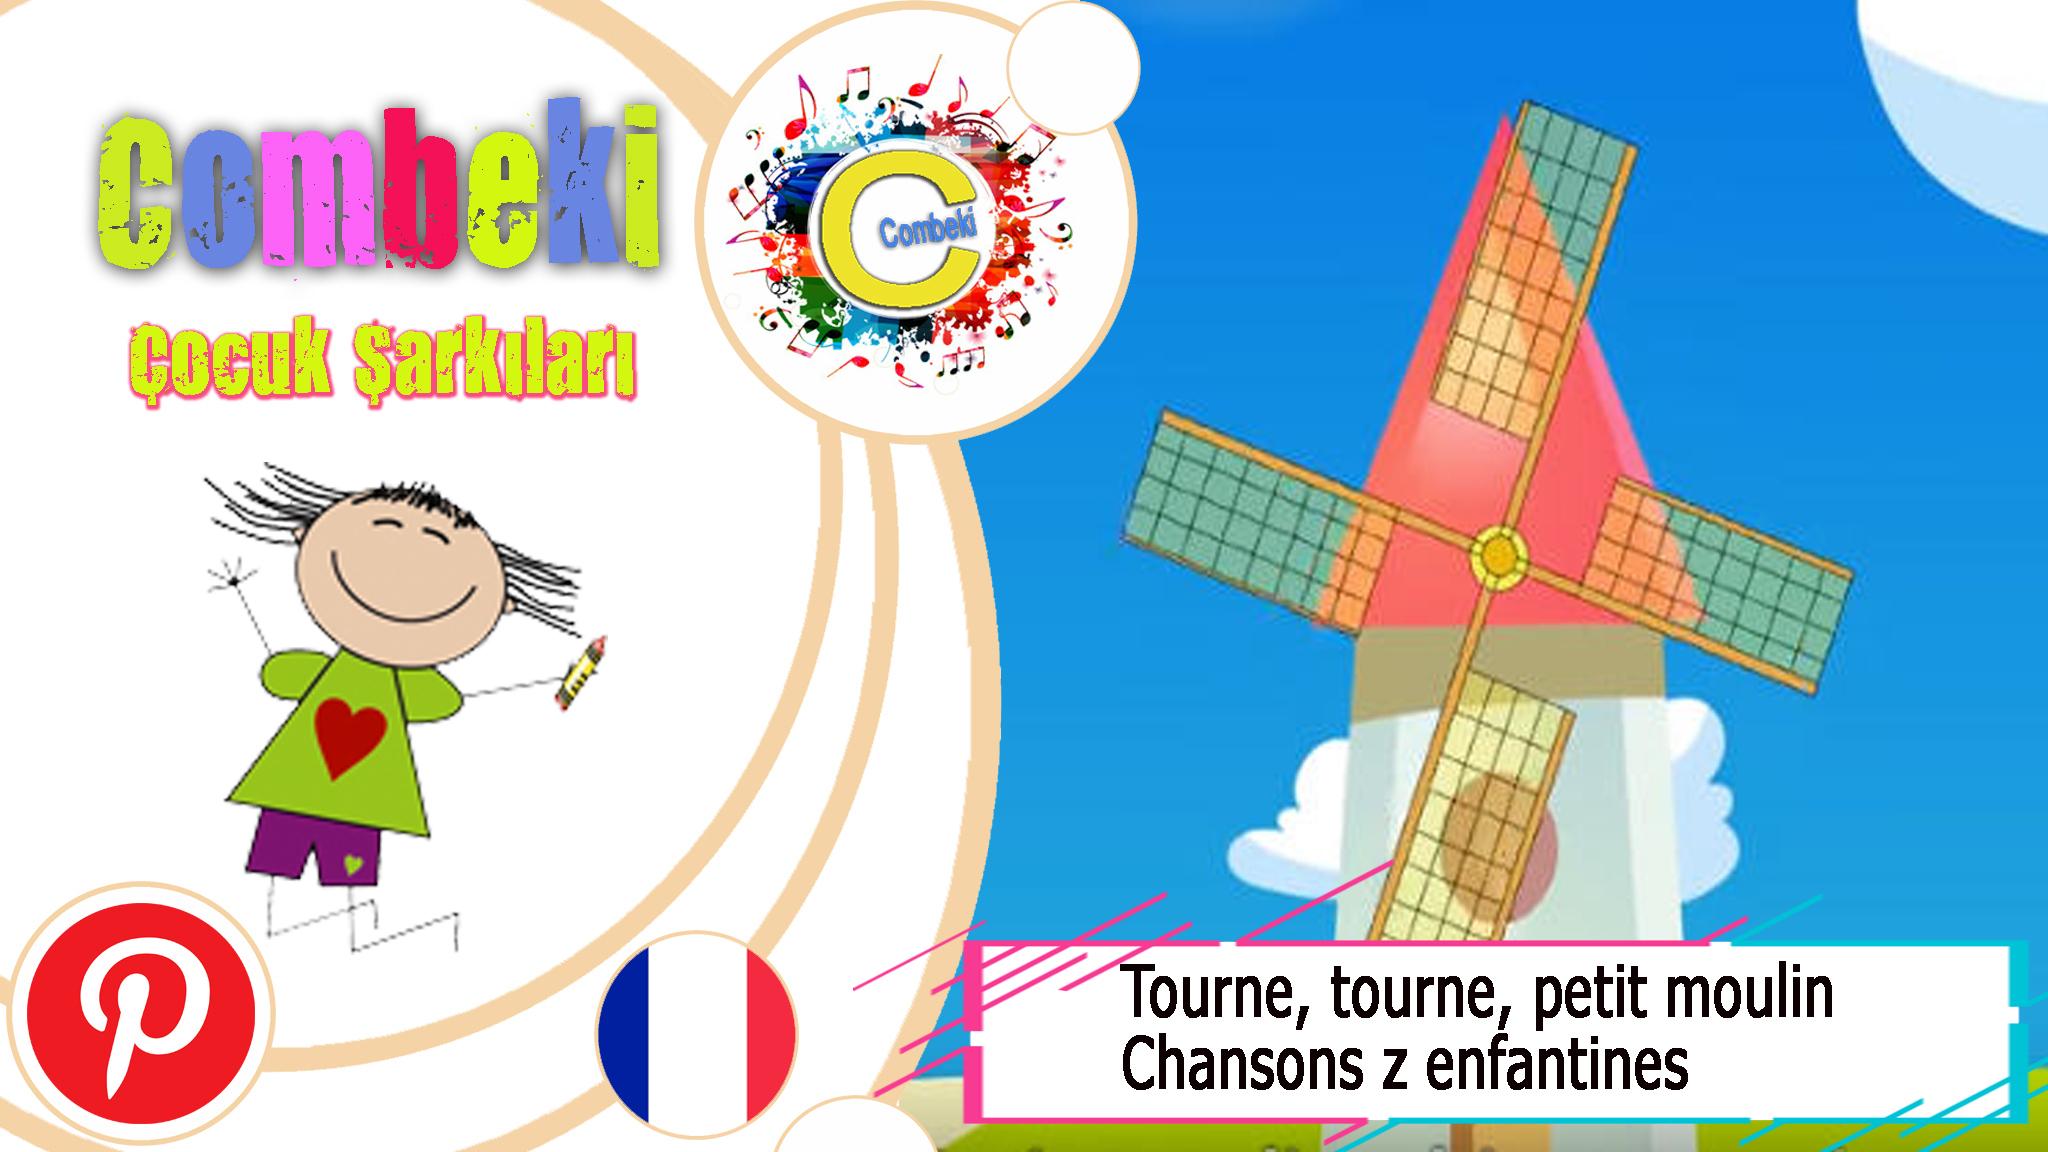 Tourne, Tourne, Petit Moulin - Chansons Enfantines pour Tourne Tourne Petit Moulin